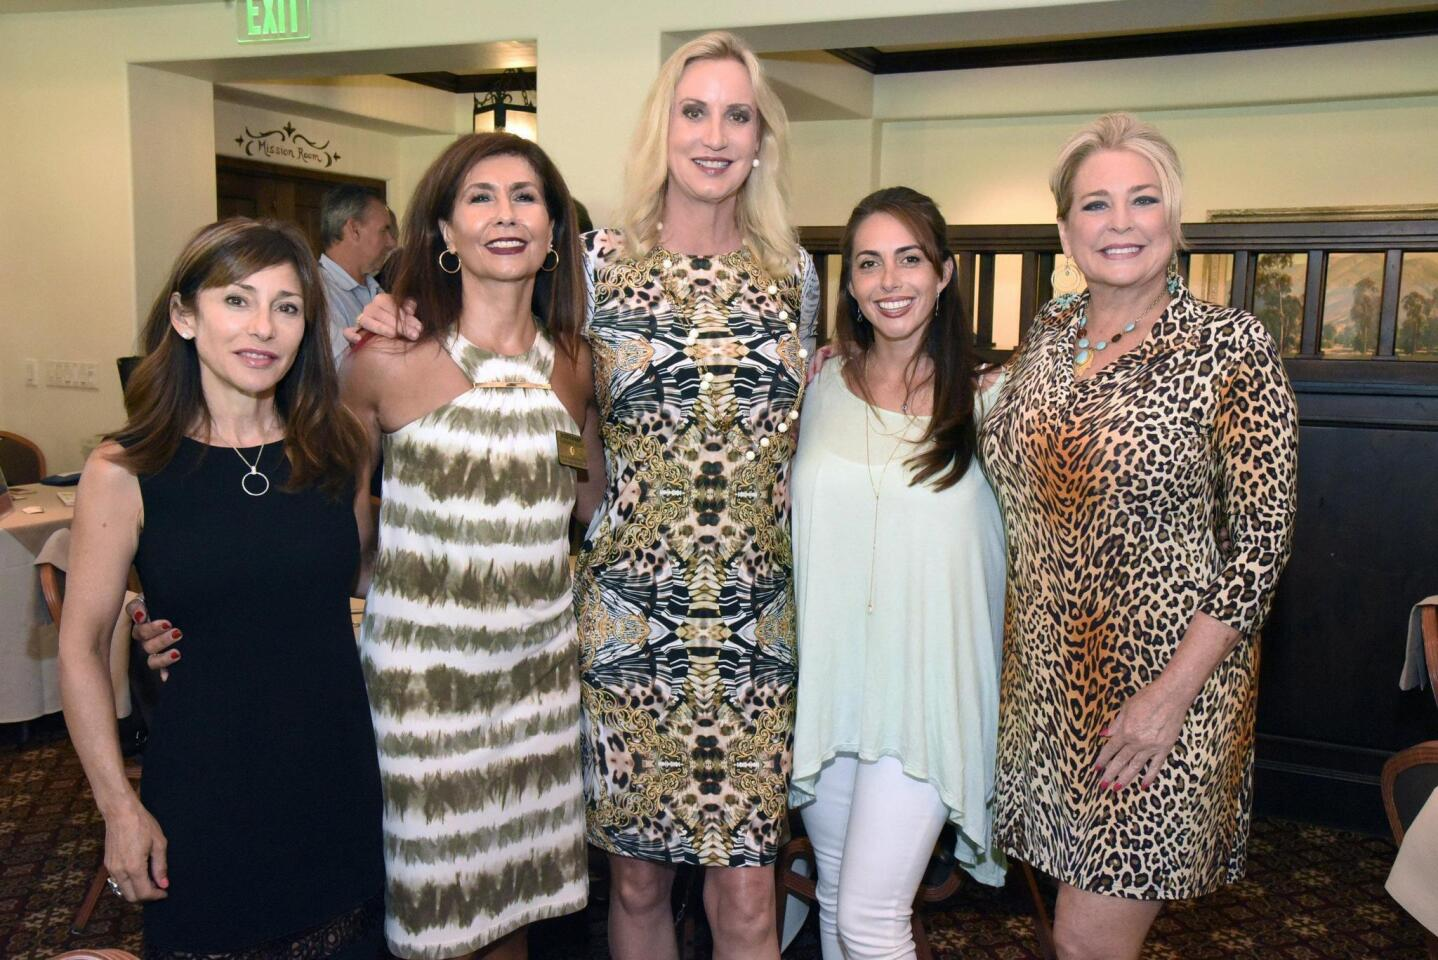 Rotary district governor visits Rancho Santa Fe club